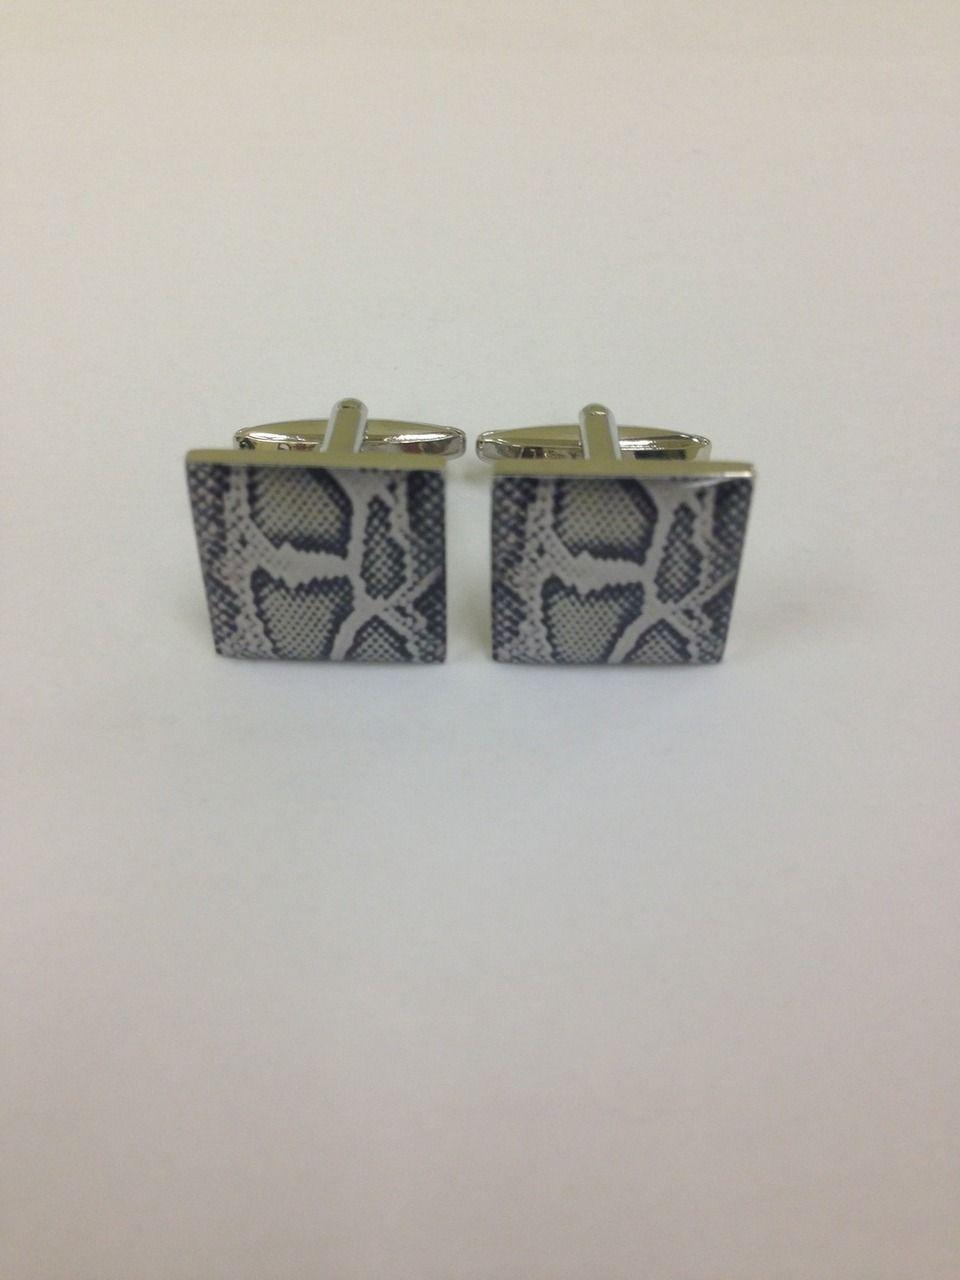 2 Pc. EXOTIC Zebra Print Design Cufflinks